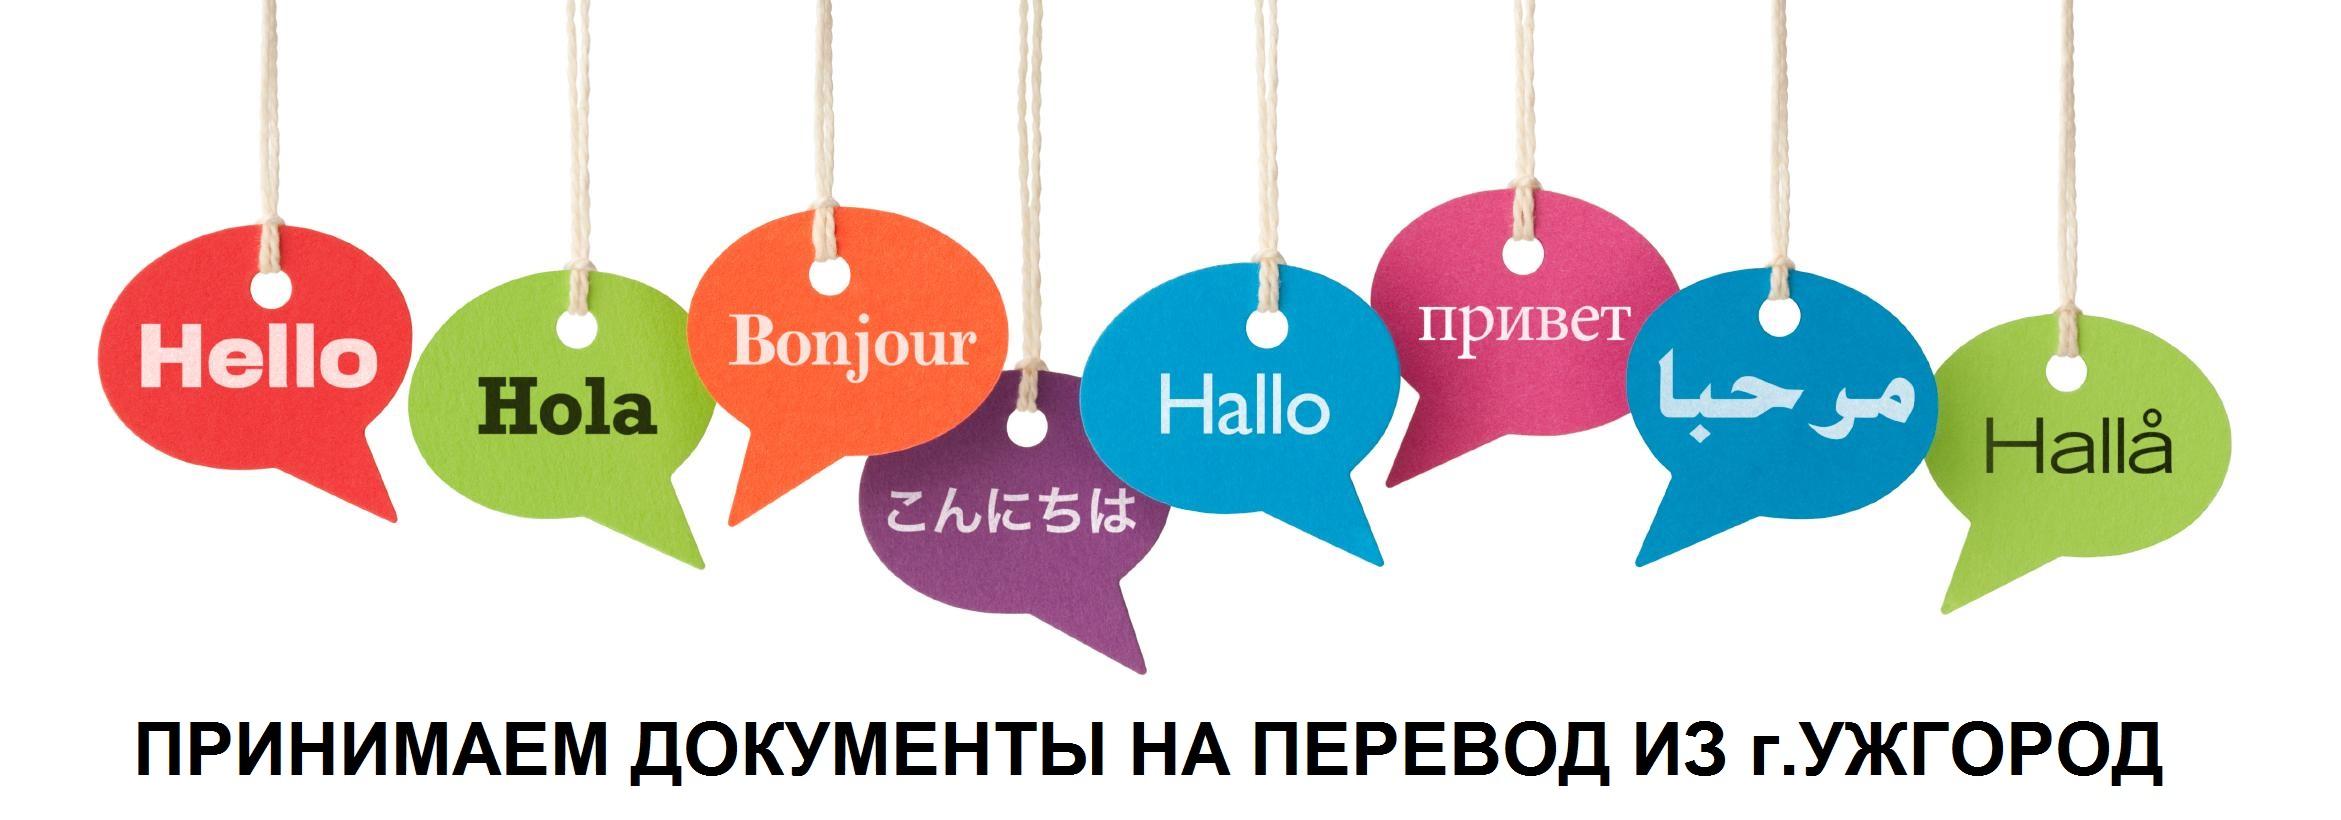 ПРИНИМАЕМ ДОКУМЕНТЫ НА ПЕРЕВОД ИЗ г.УЖГОРОД - SpravkaInform.com.ua